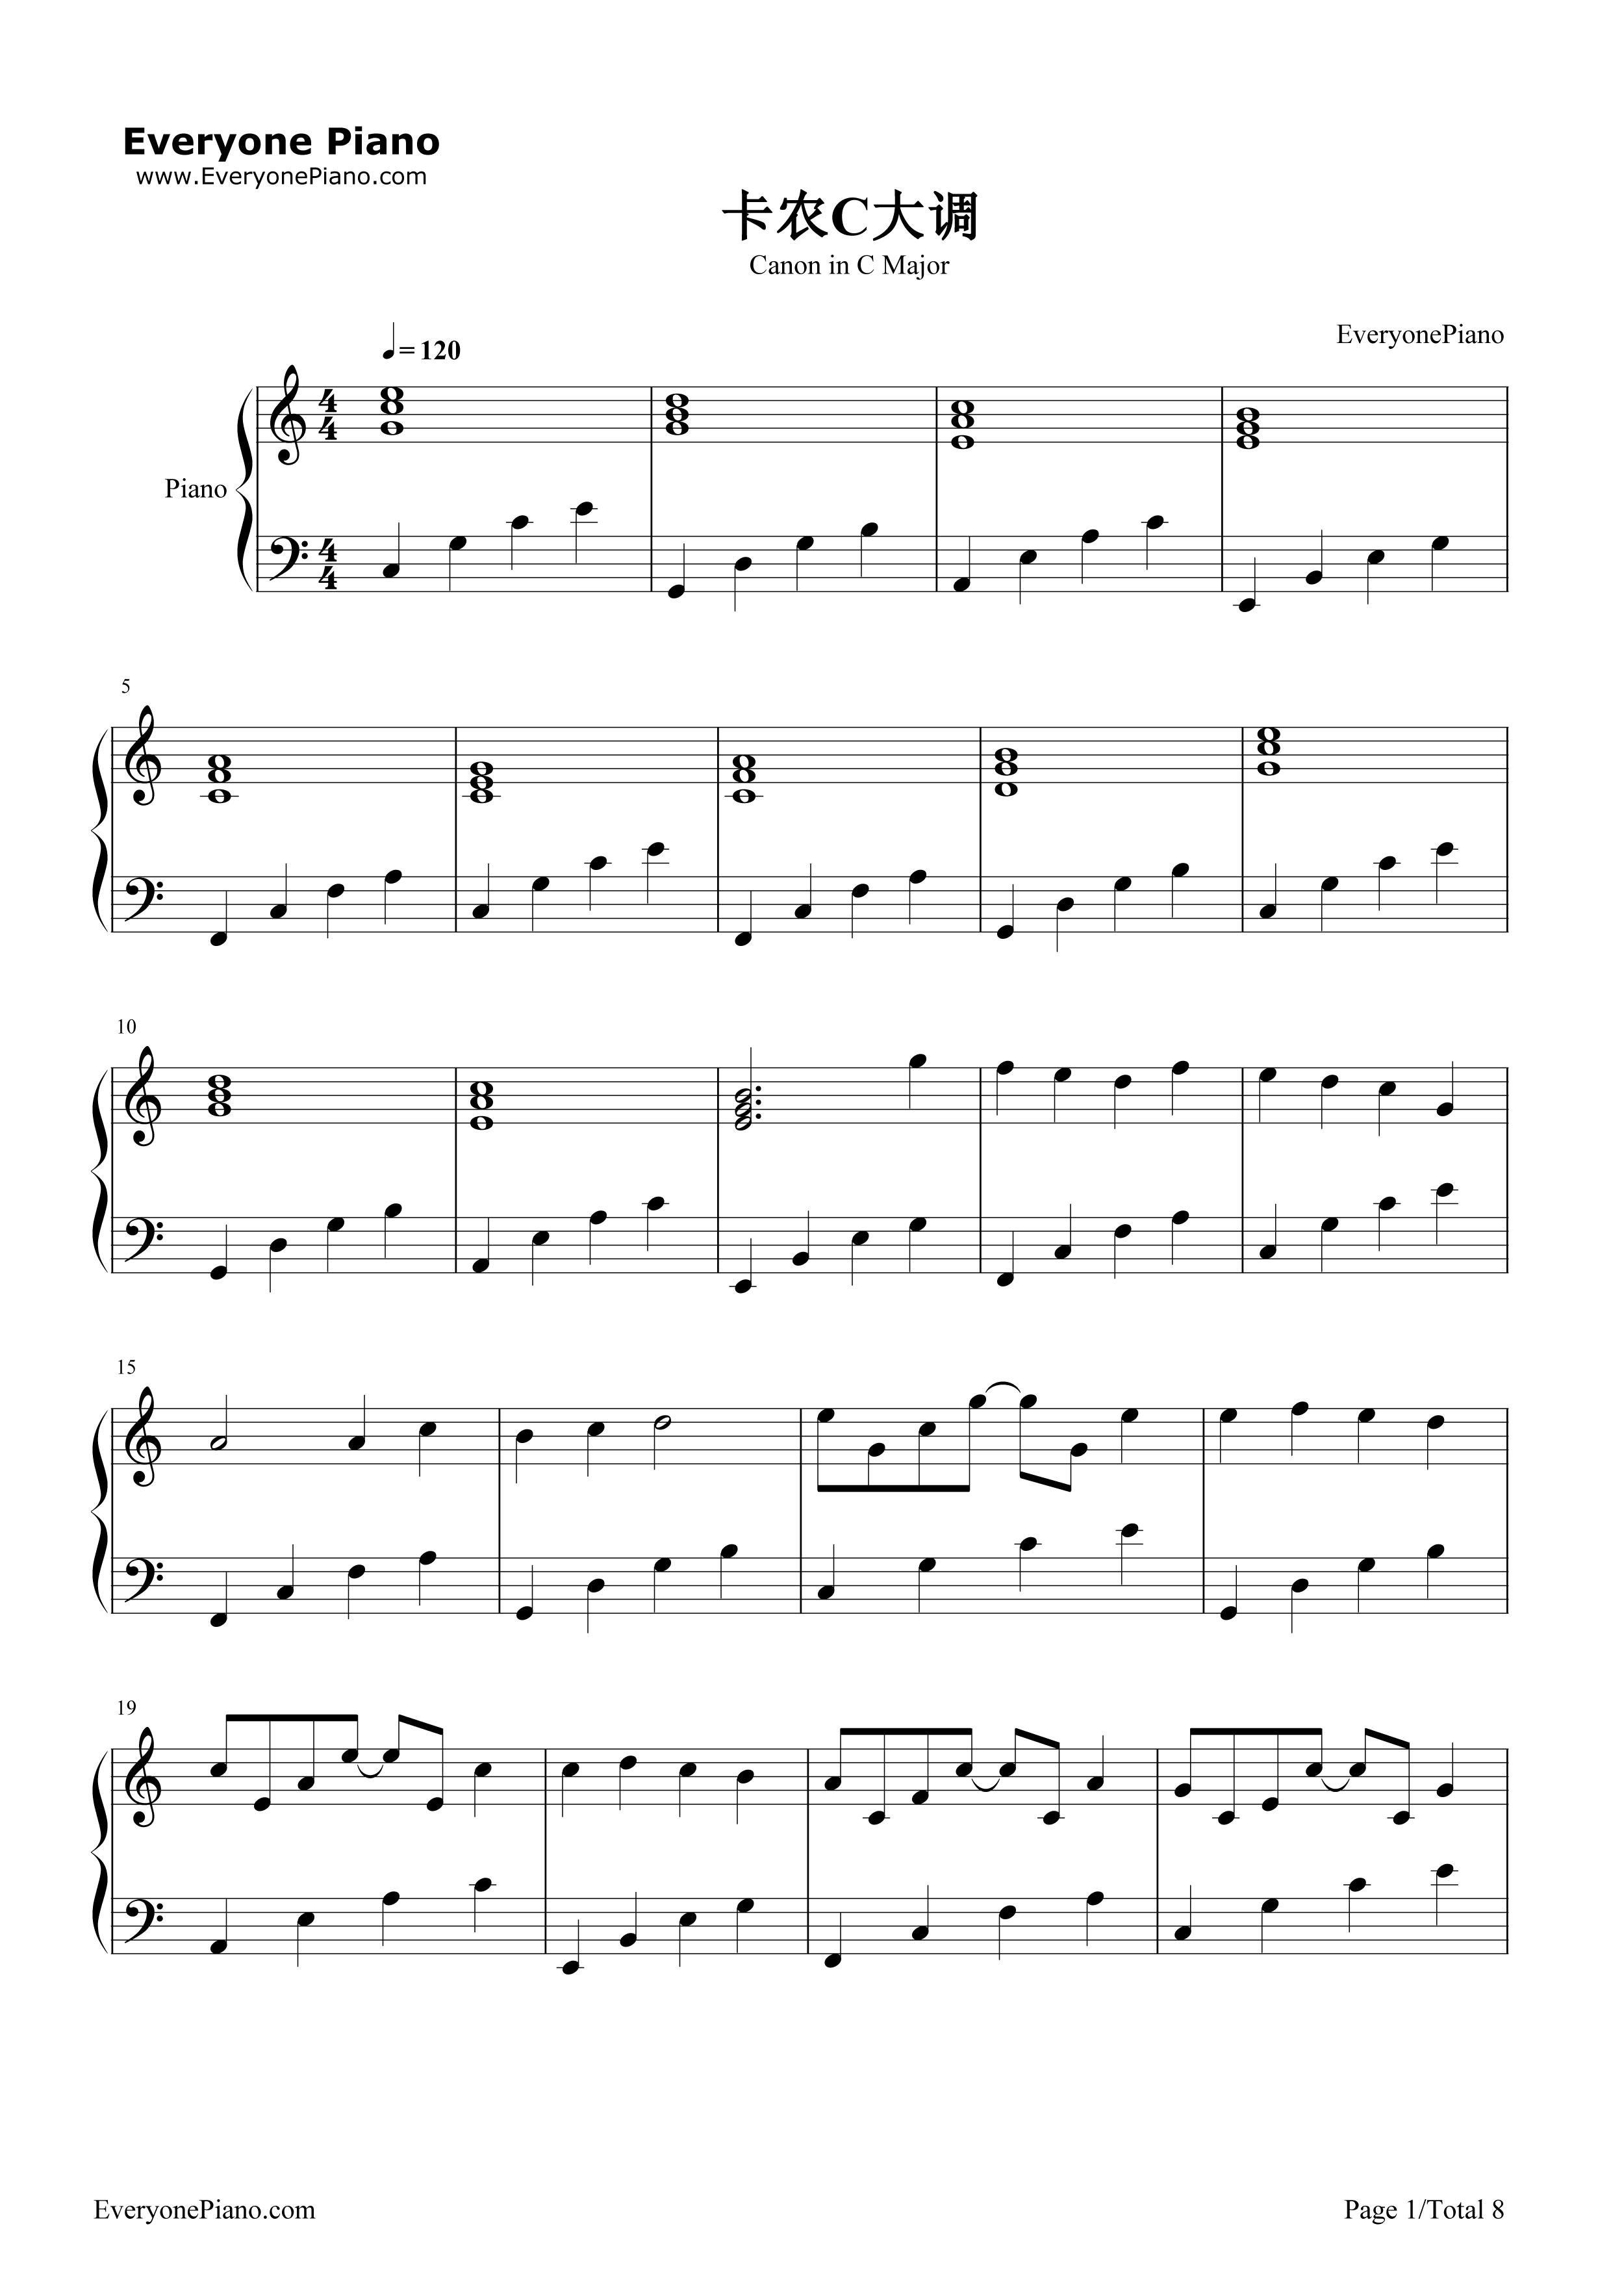 卡农C大调最简版 EOP教学曲五线谱预览 EOP在线乐谱架